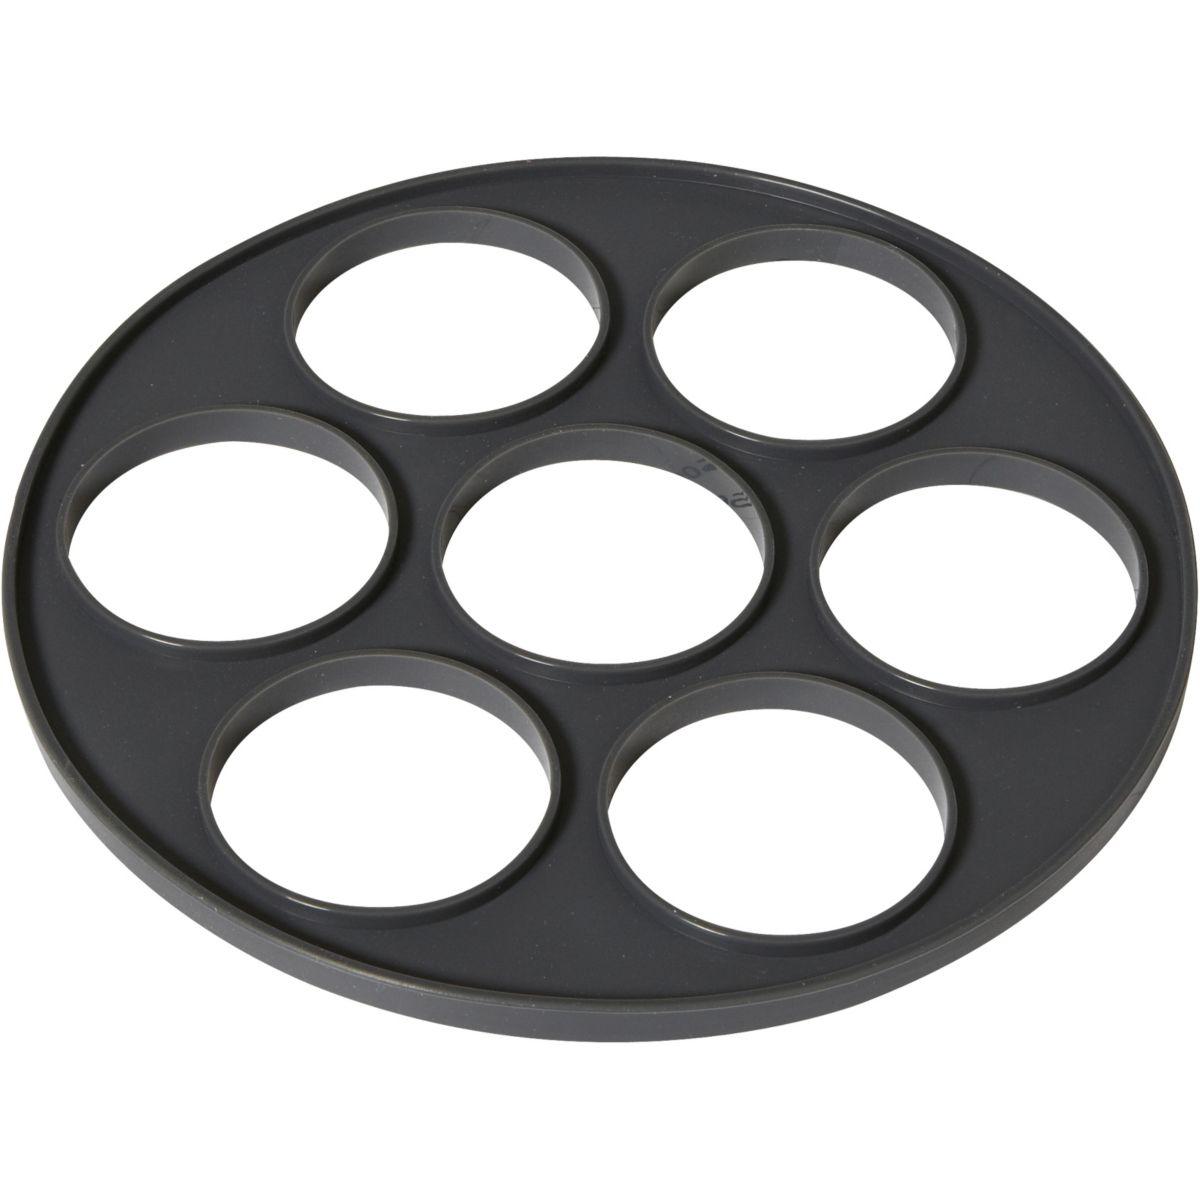 Moule en silicone ESSENTIELB à blinis 7 empreintes (photo)